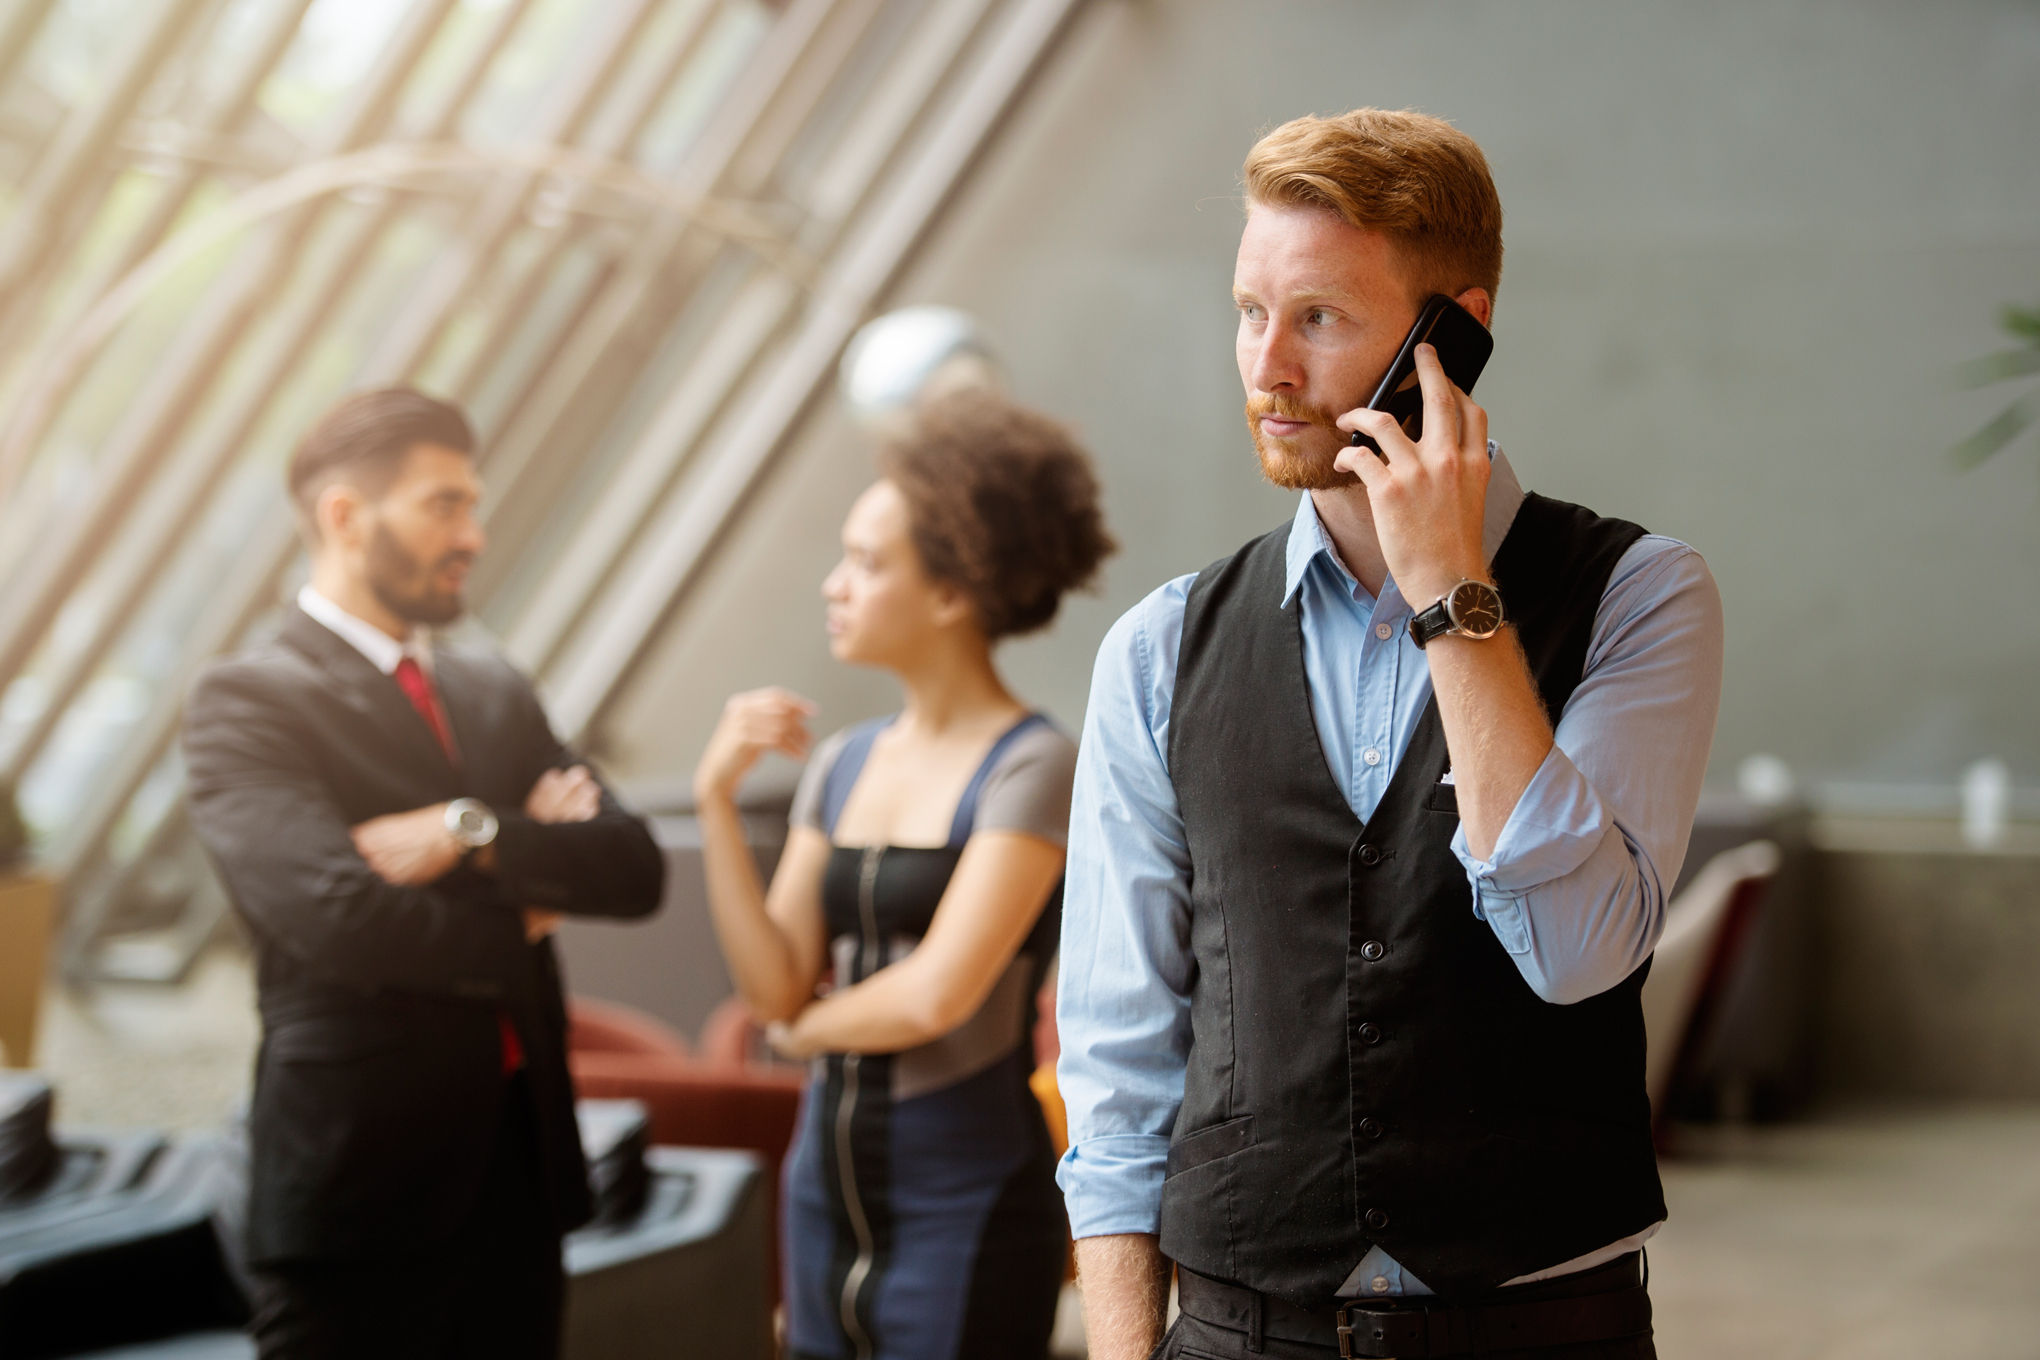 5 вопросов, которые помогут собрать идеальную PR-команду для вашей компании - Новости айти в журнале Inc.Russia